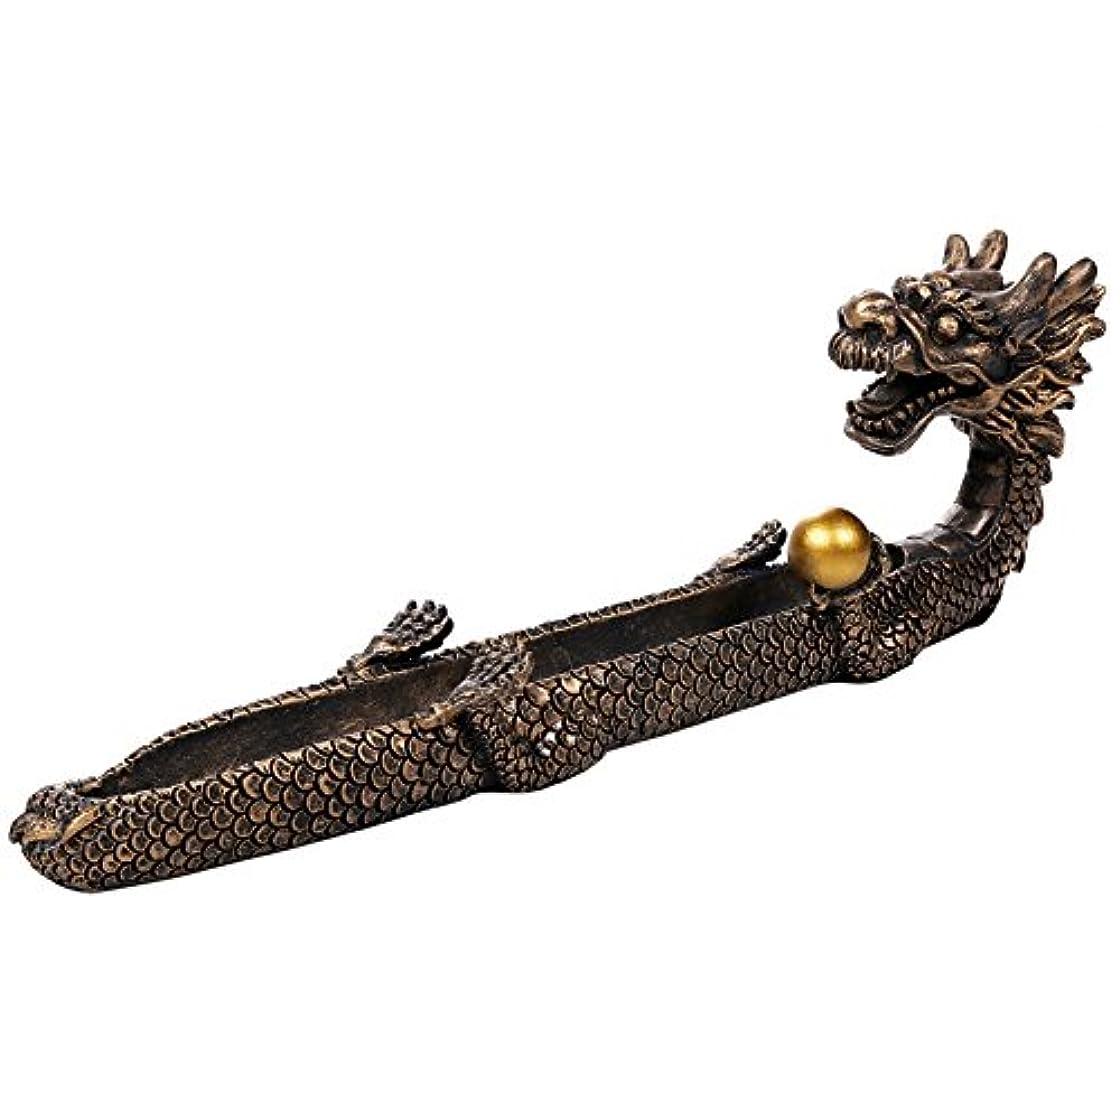 実験をする牛持つFeng Shui Dragon Holding Orb Cast Bronze Stick Incense Burnerホルダー10.25インチL